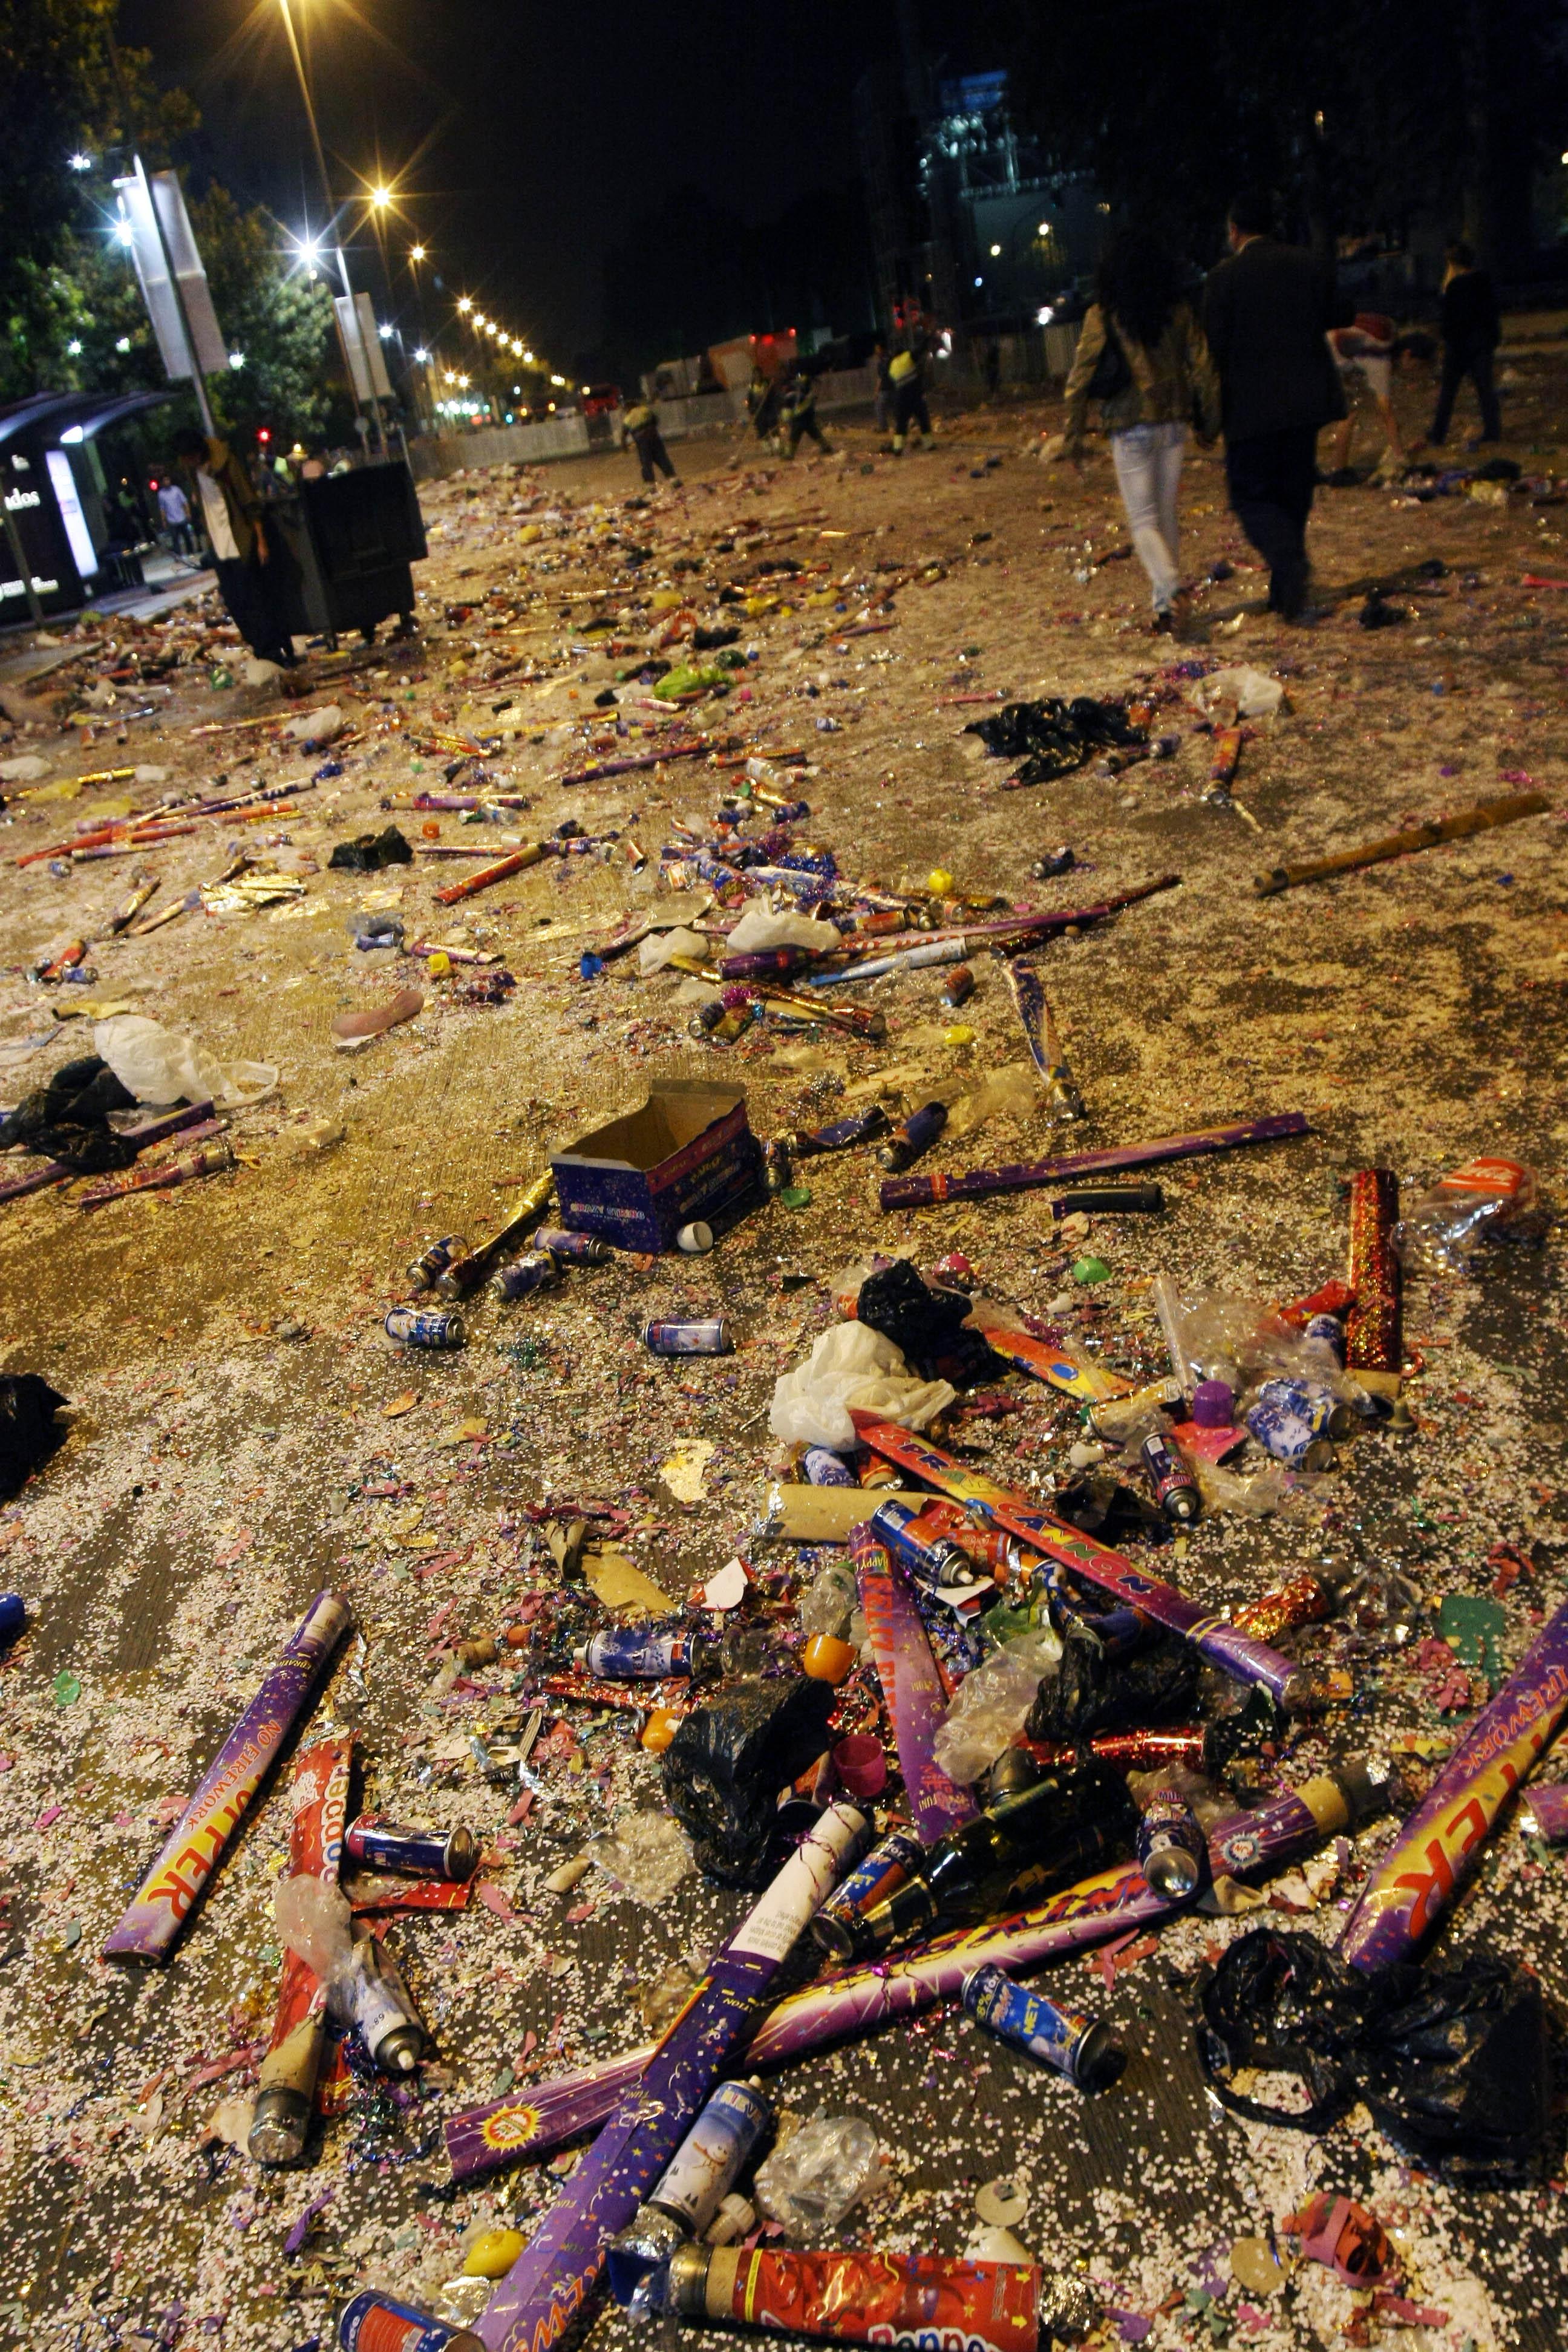 Limpieza en La Alemada tras la celebración de Año Nuevo. José Zuñiga | Agencia UNO